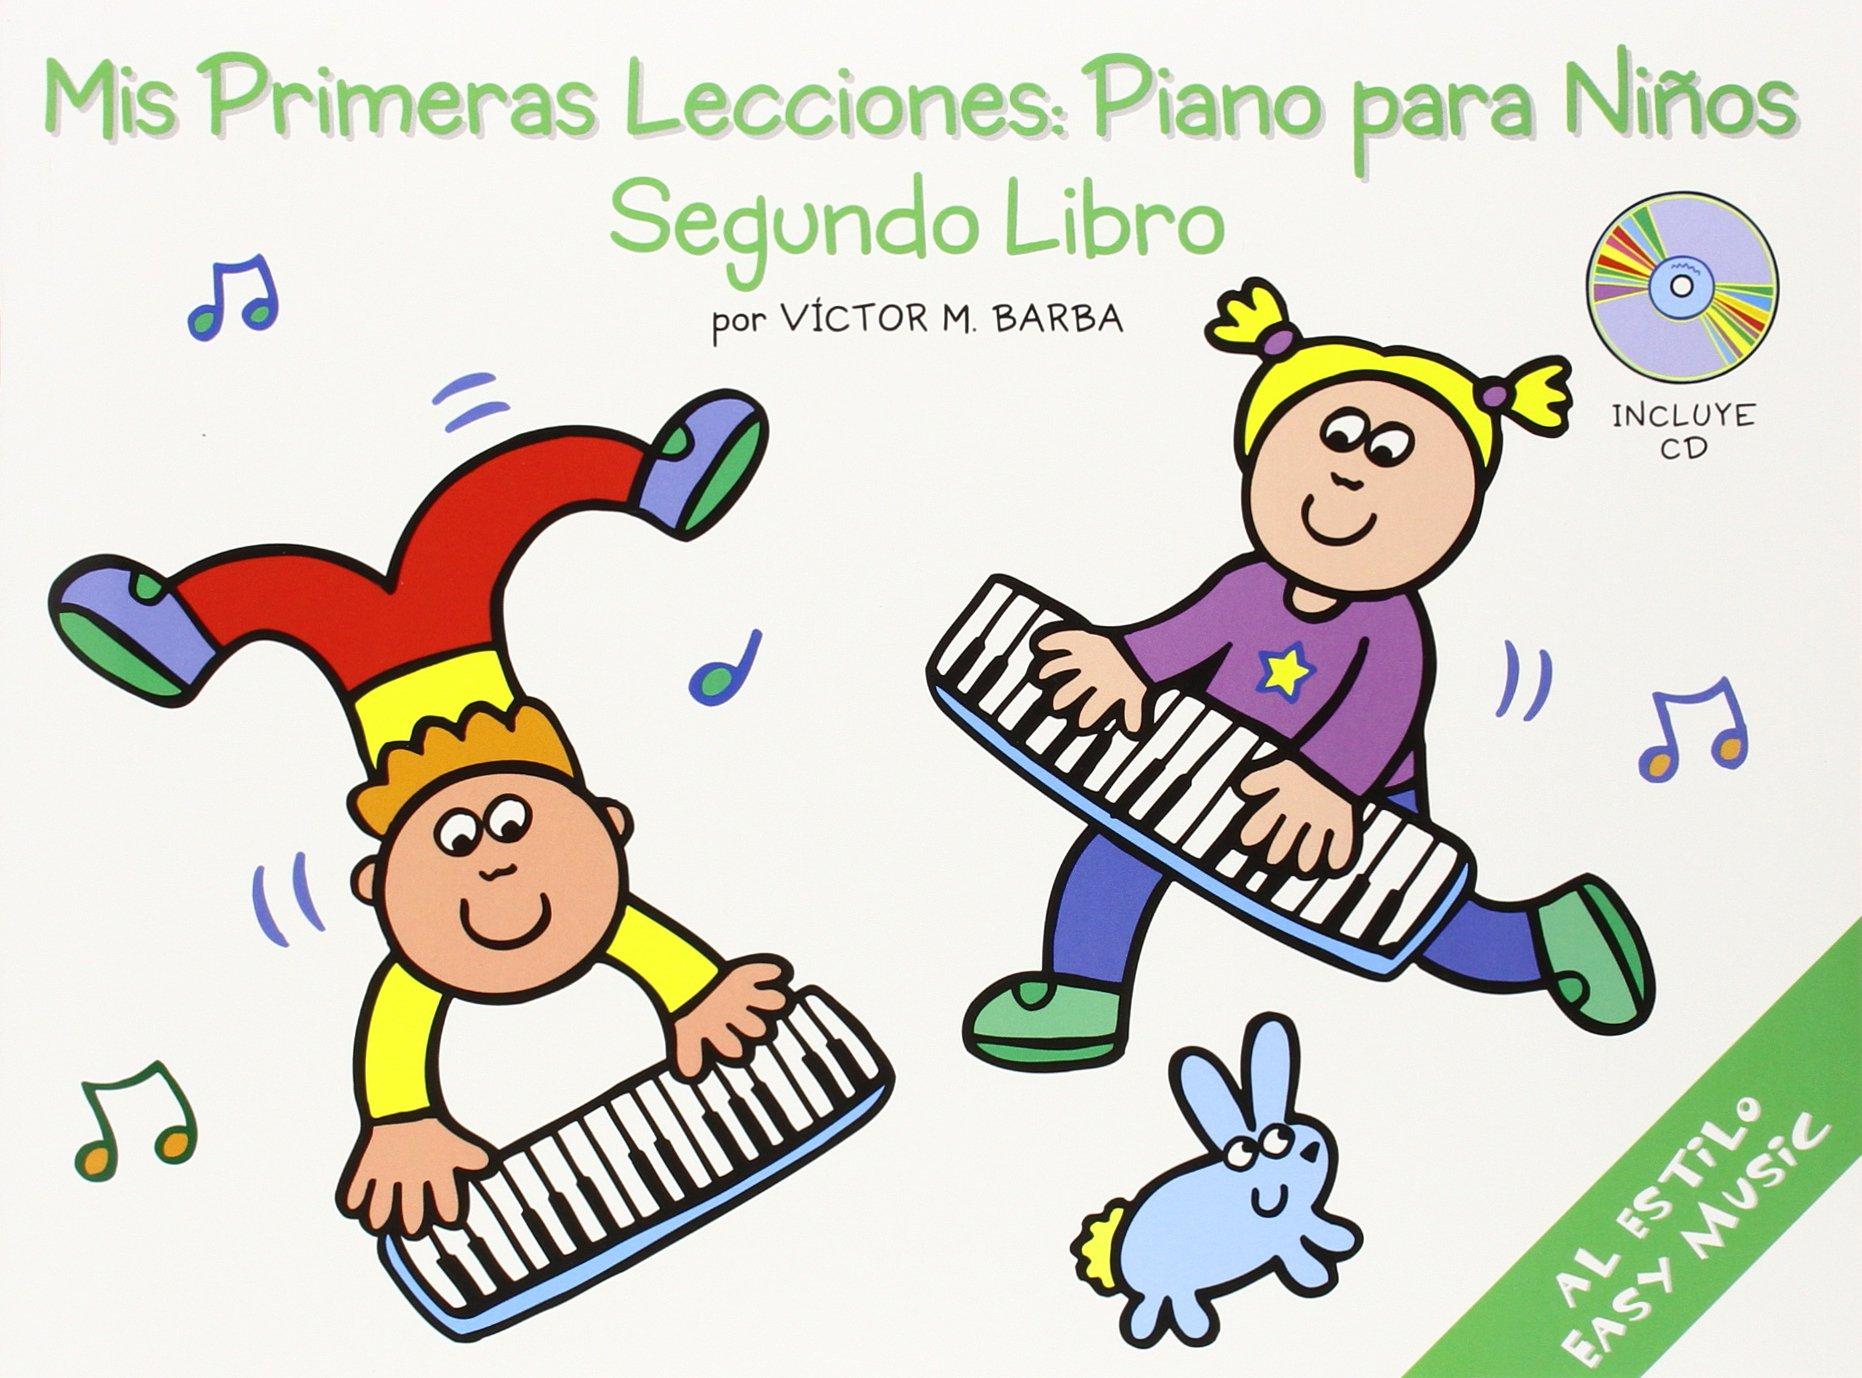 MIS PRIMERA LECCIONES PF 2+CD: Amazon.es: Barba Victor M.: Libros en idiomas extranjeros